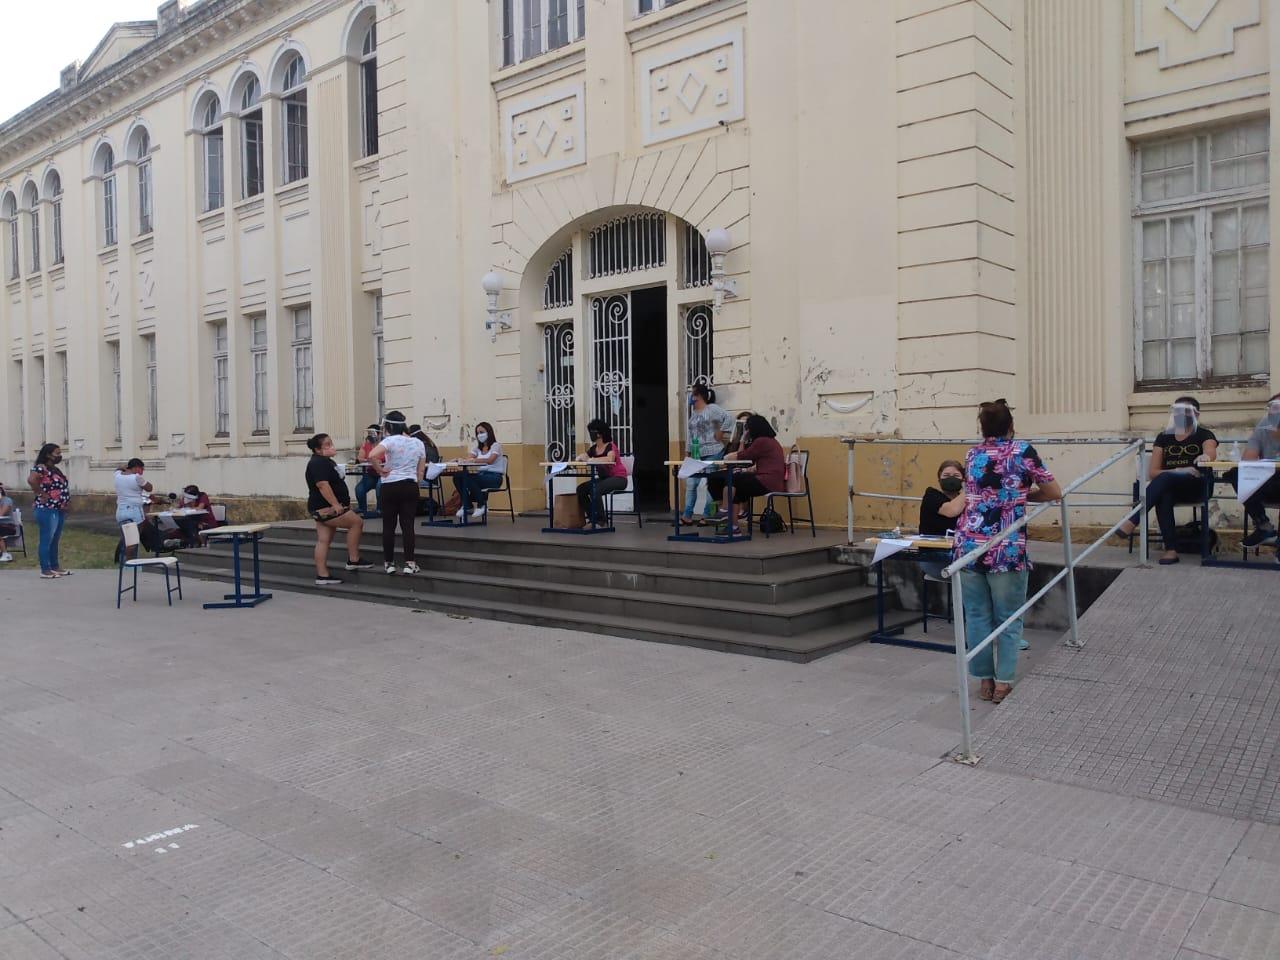 Semana de aulas presenciais inicia com consulta aos pais e salas ainda vazias em Alegrete